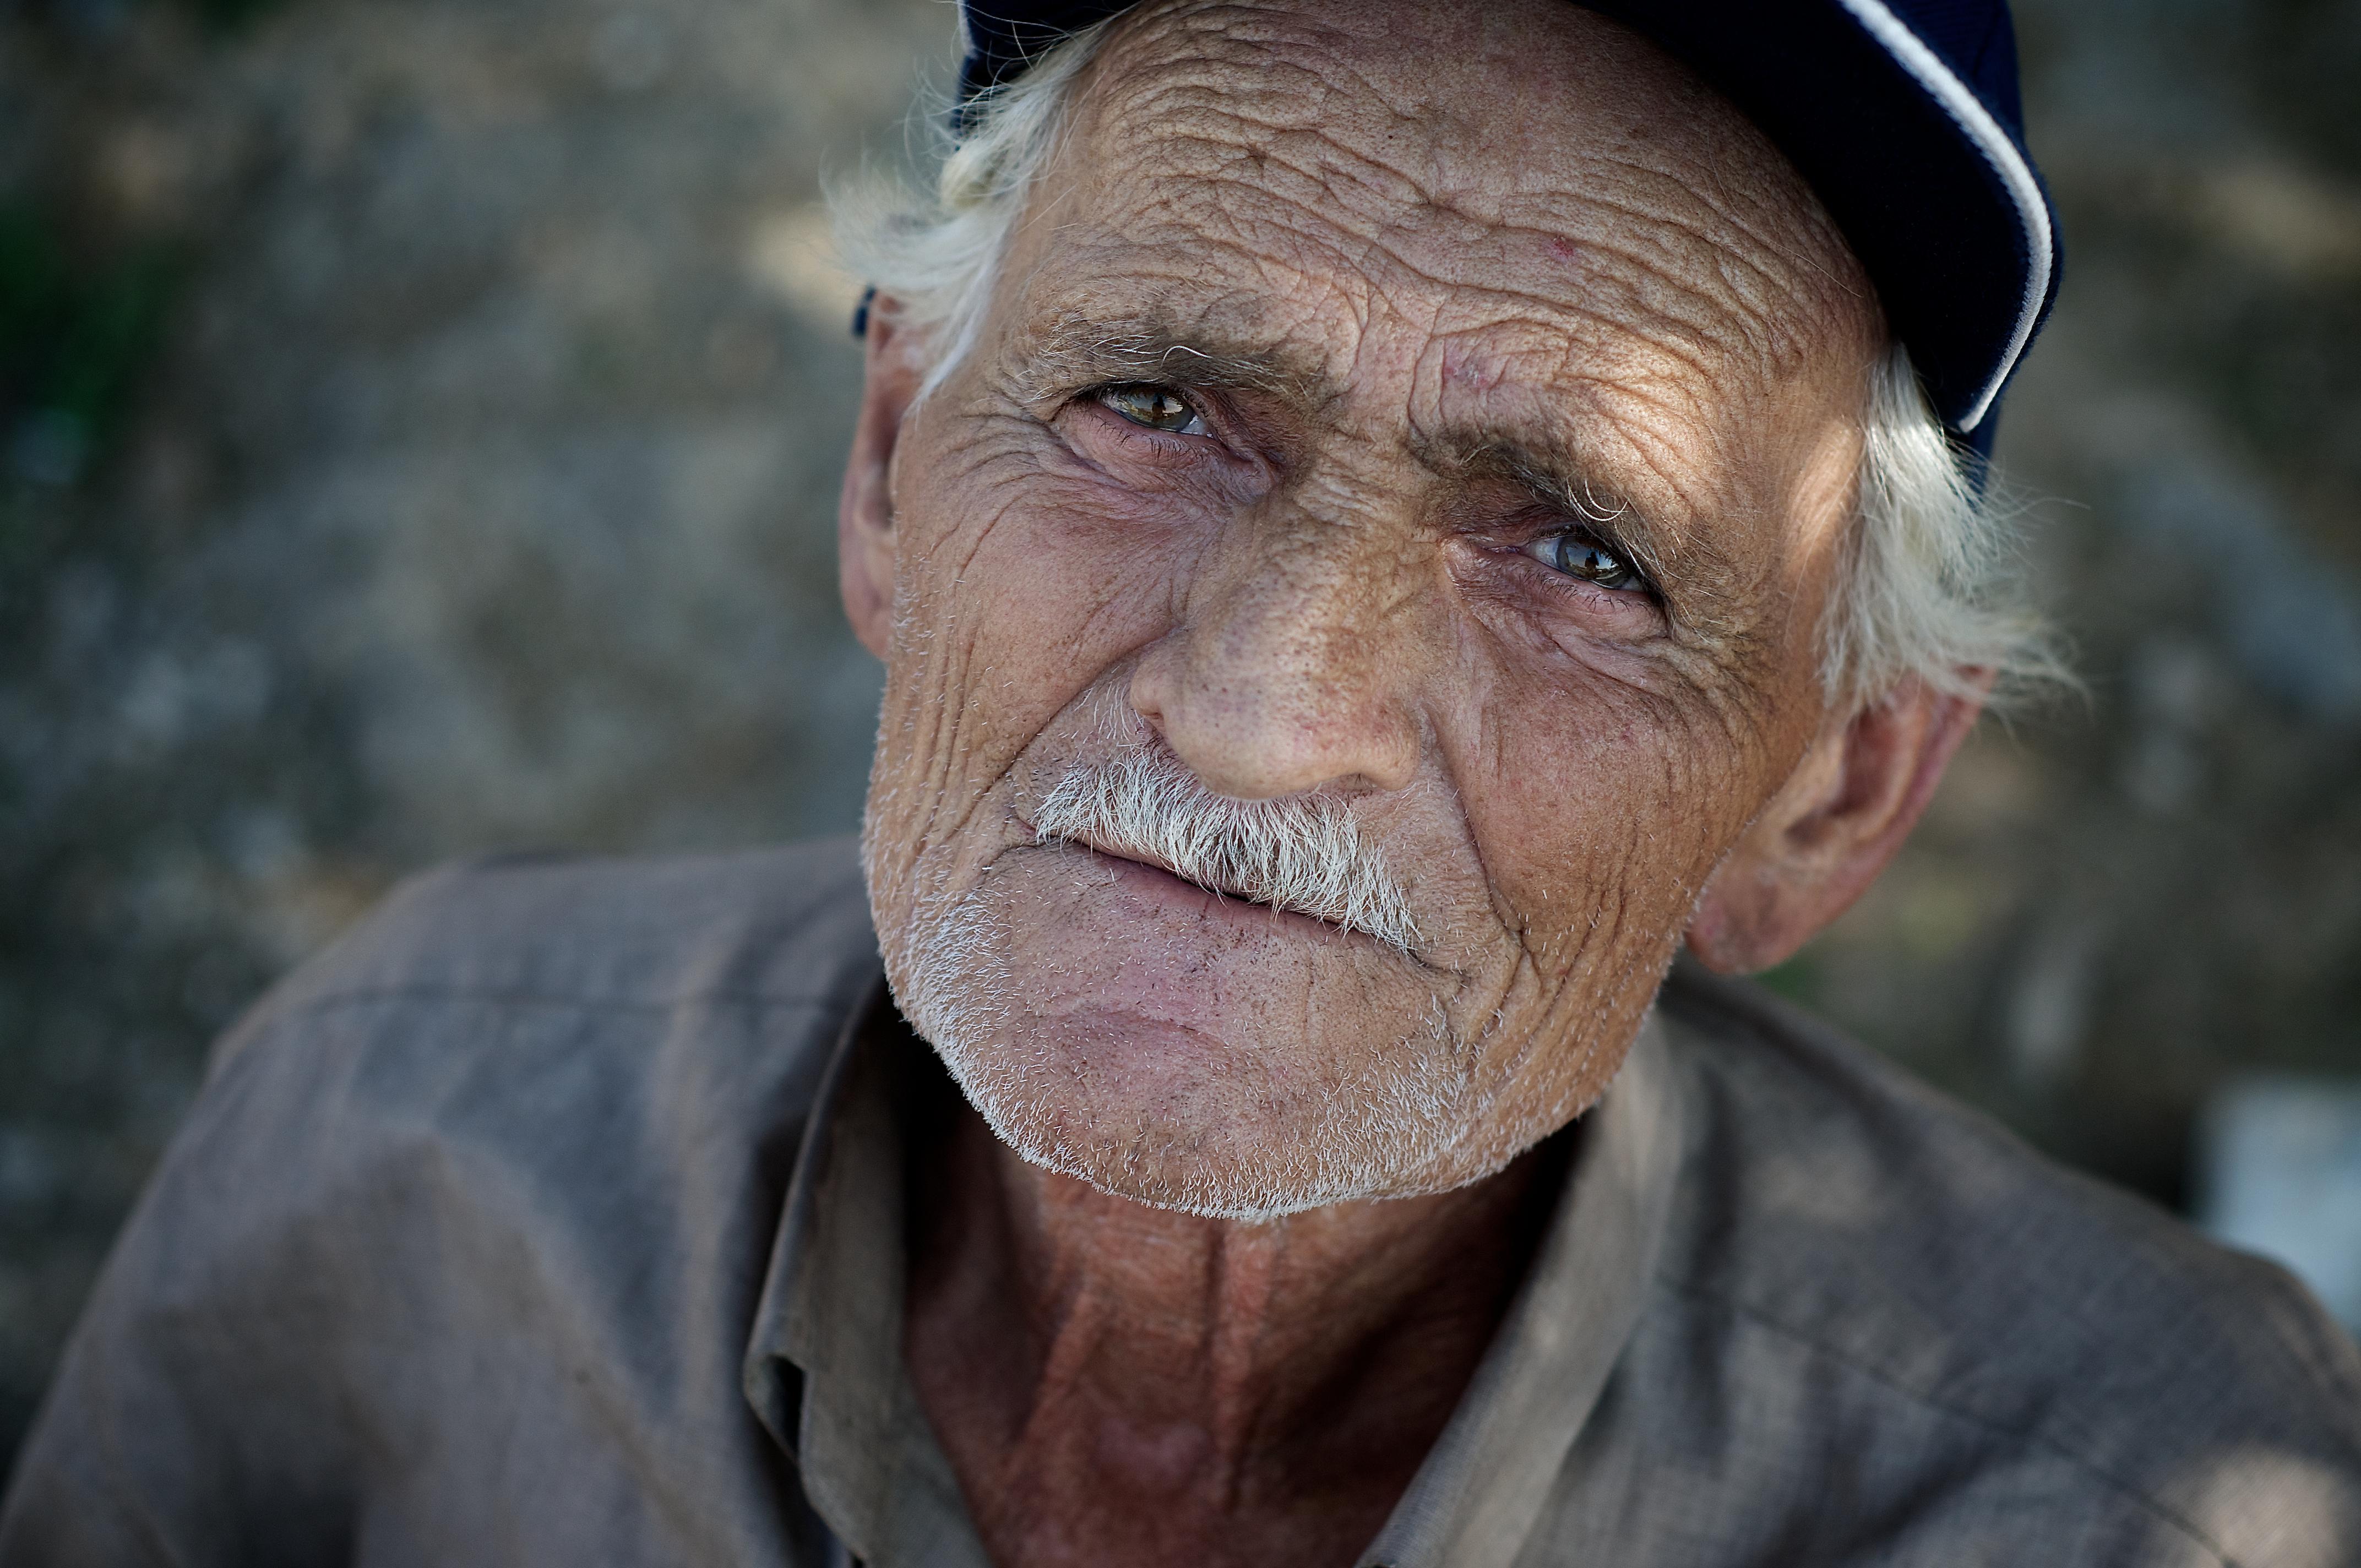 смуглые мужчины пожилые фото примесь